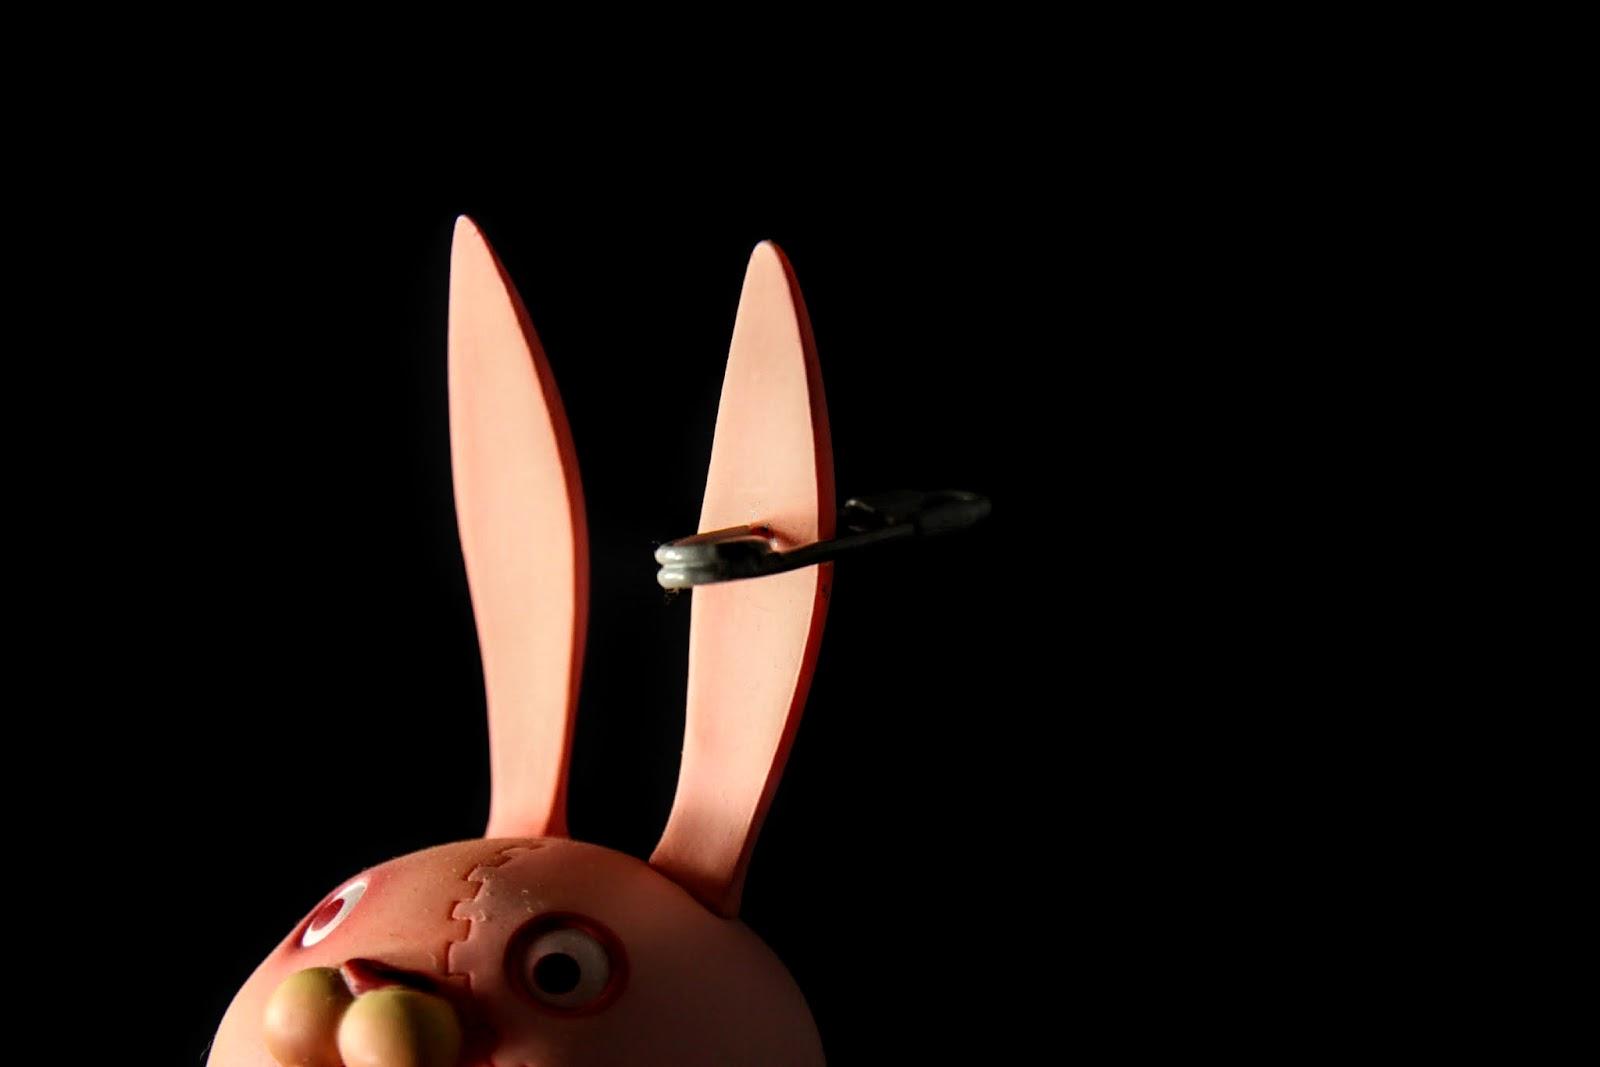 有別於第一彈,第二彈耳朵上的迴紋針才是符合原作的設定